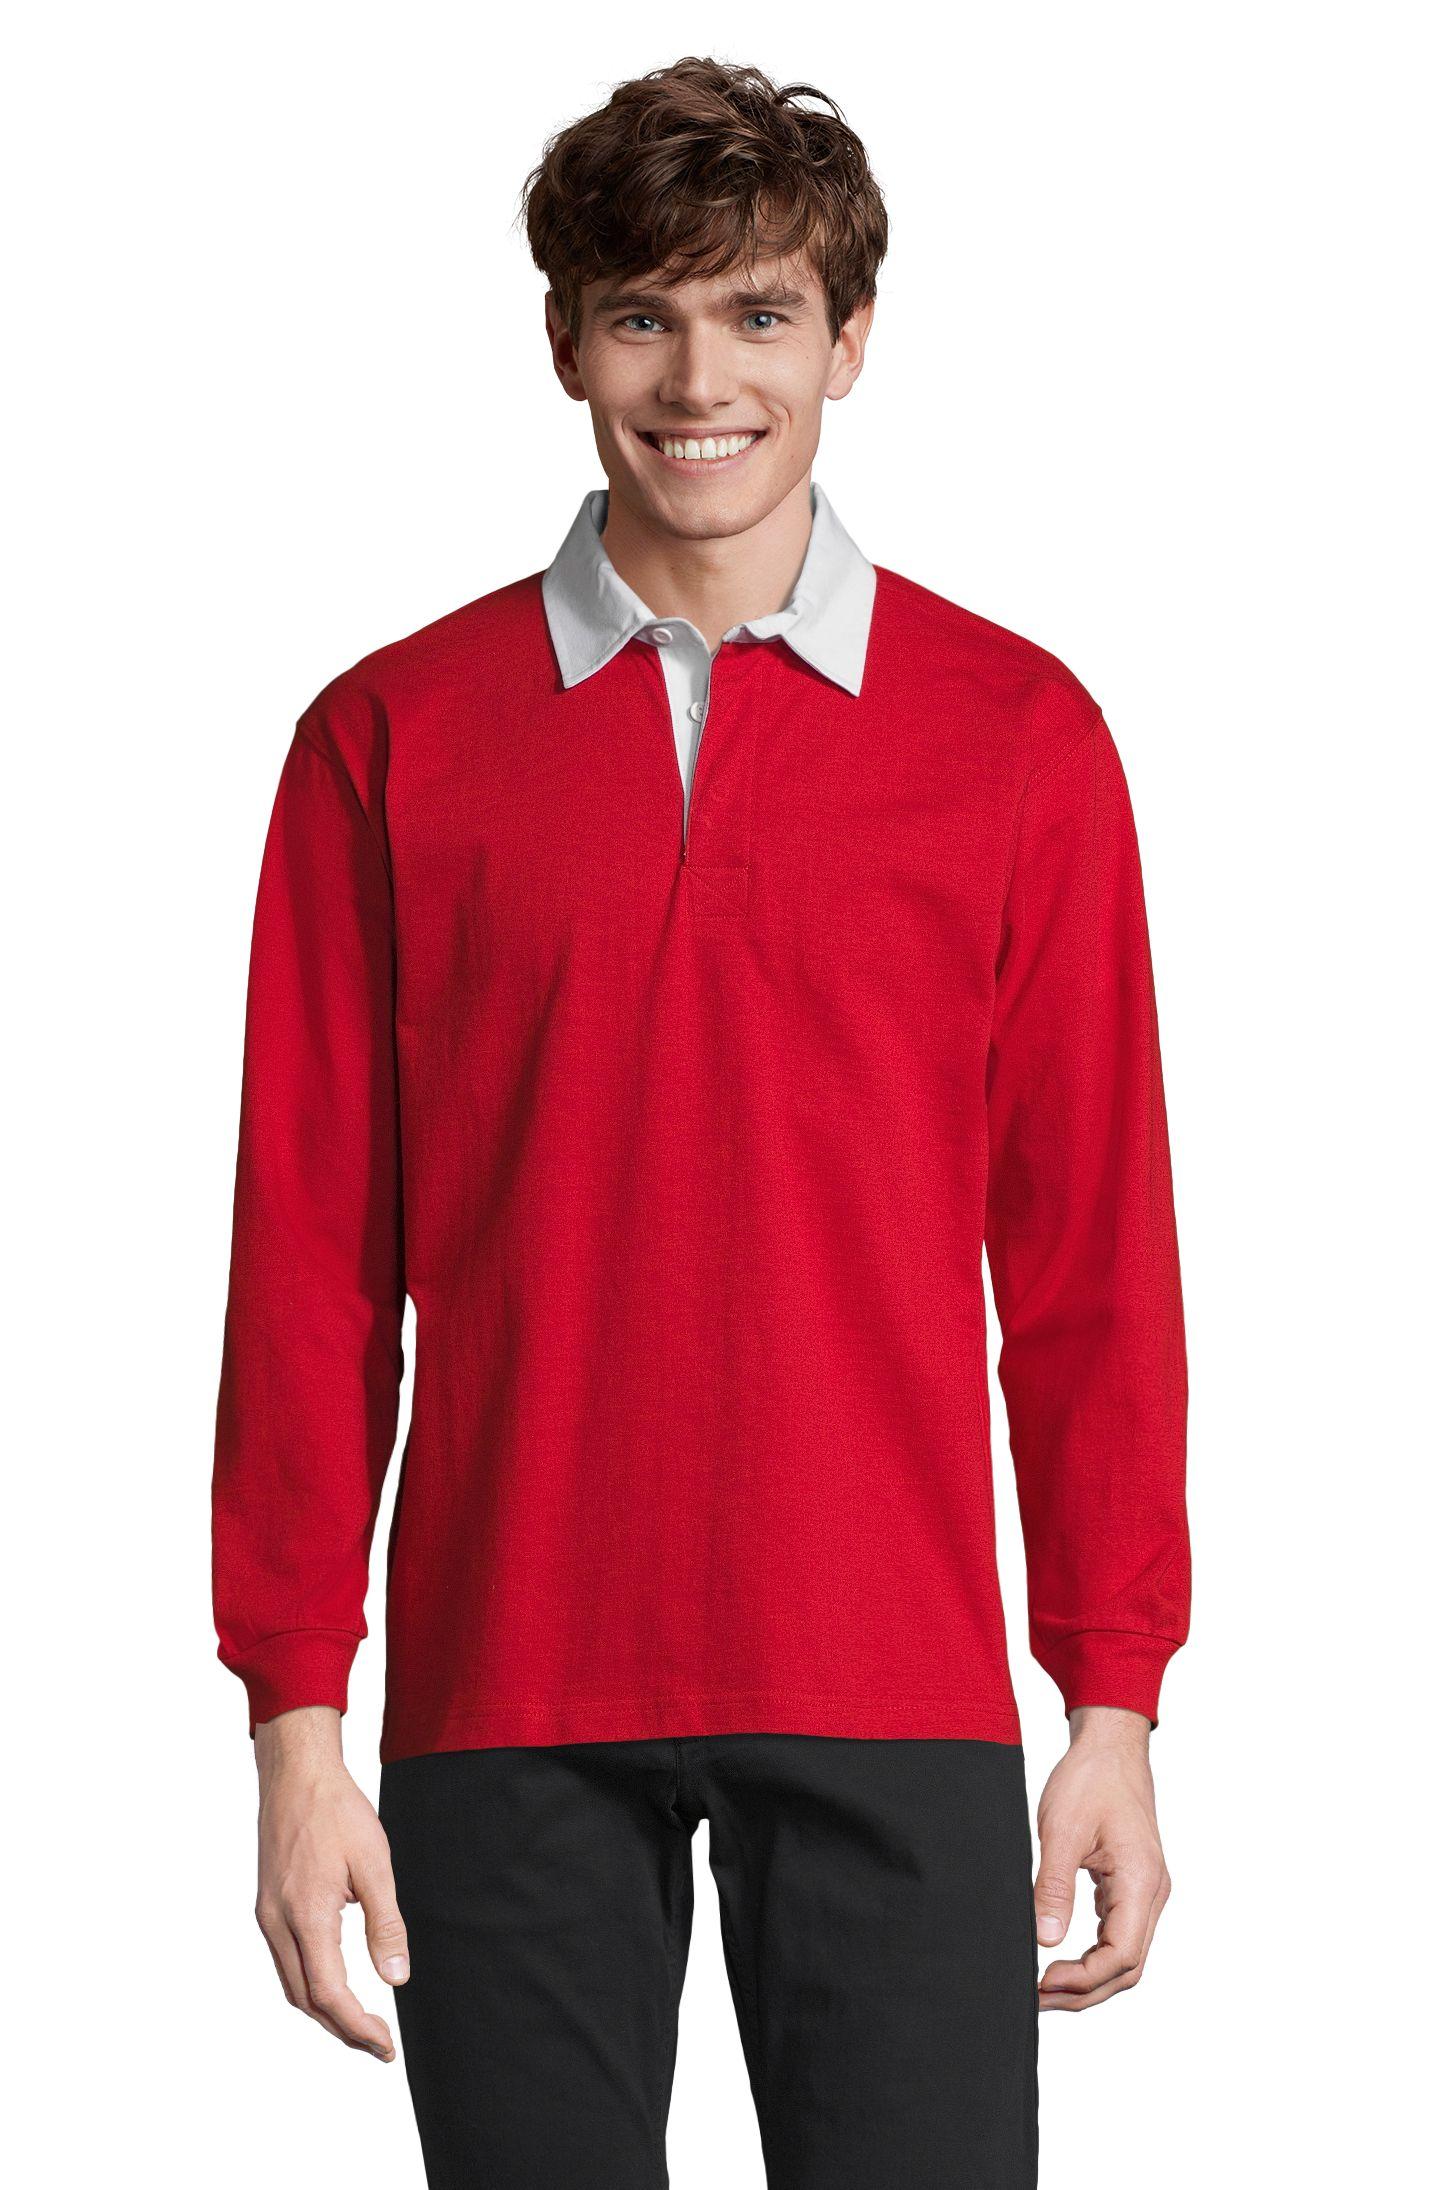 155 - Rouge carmin